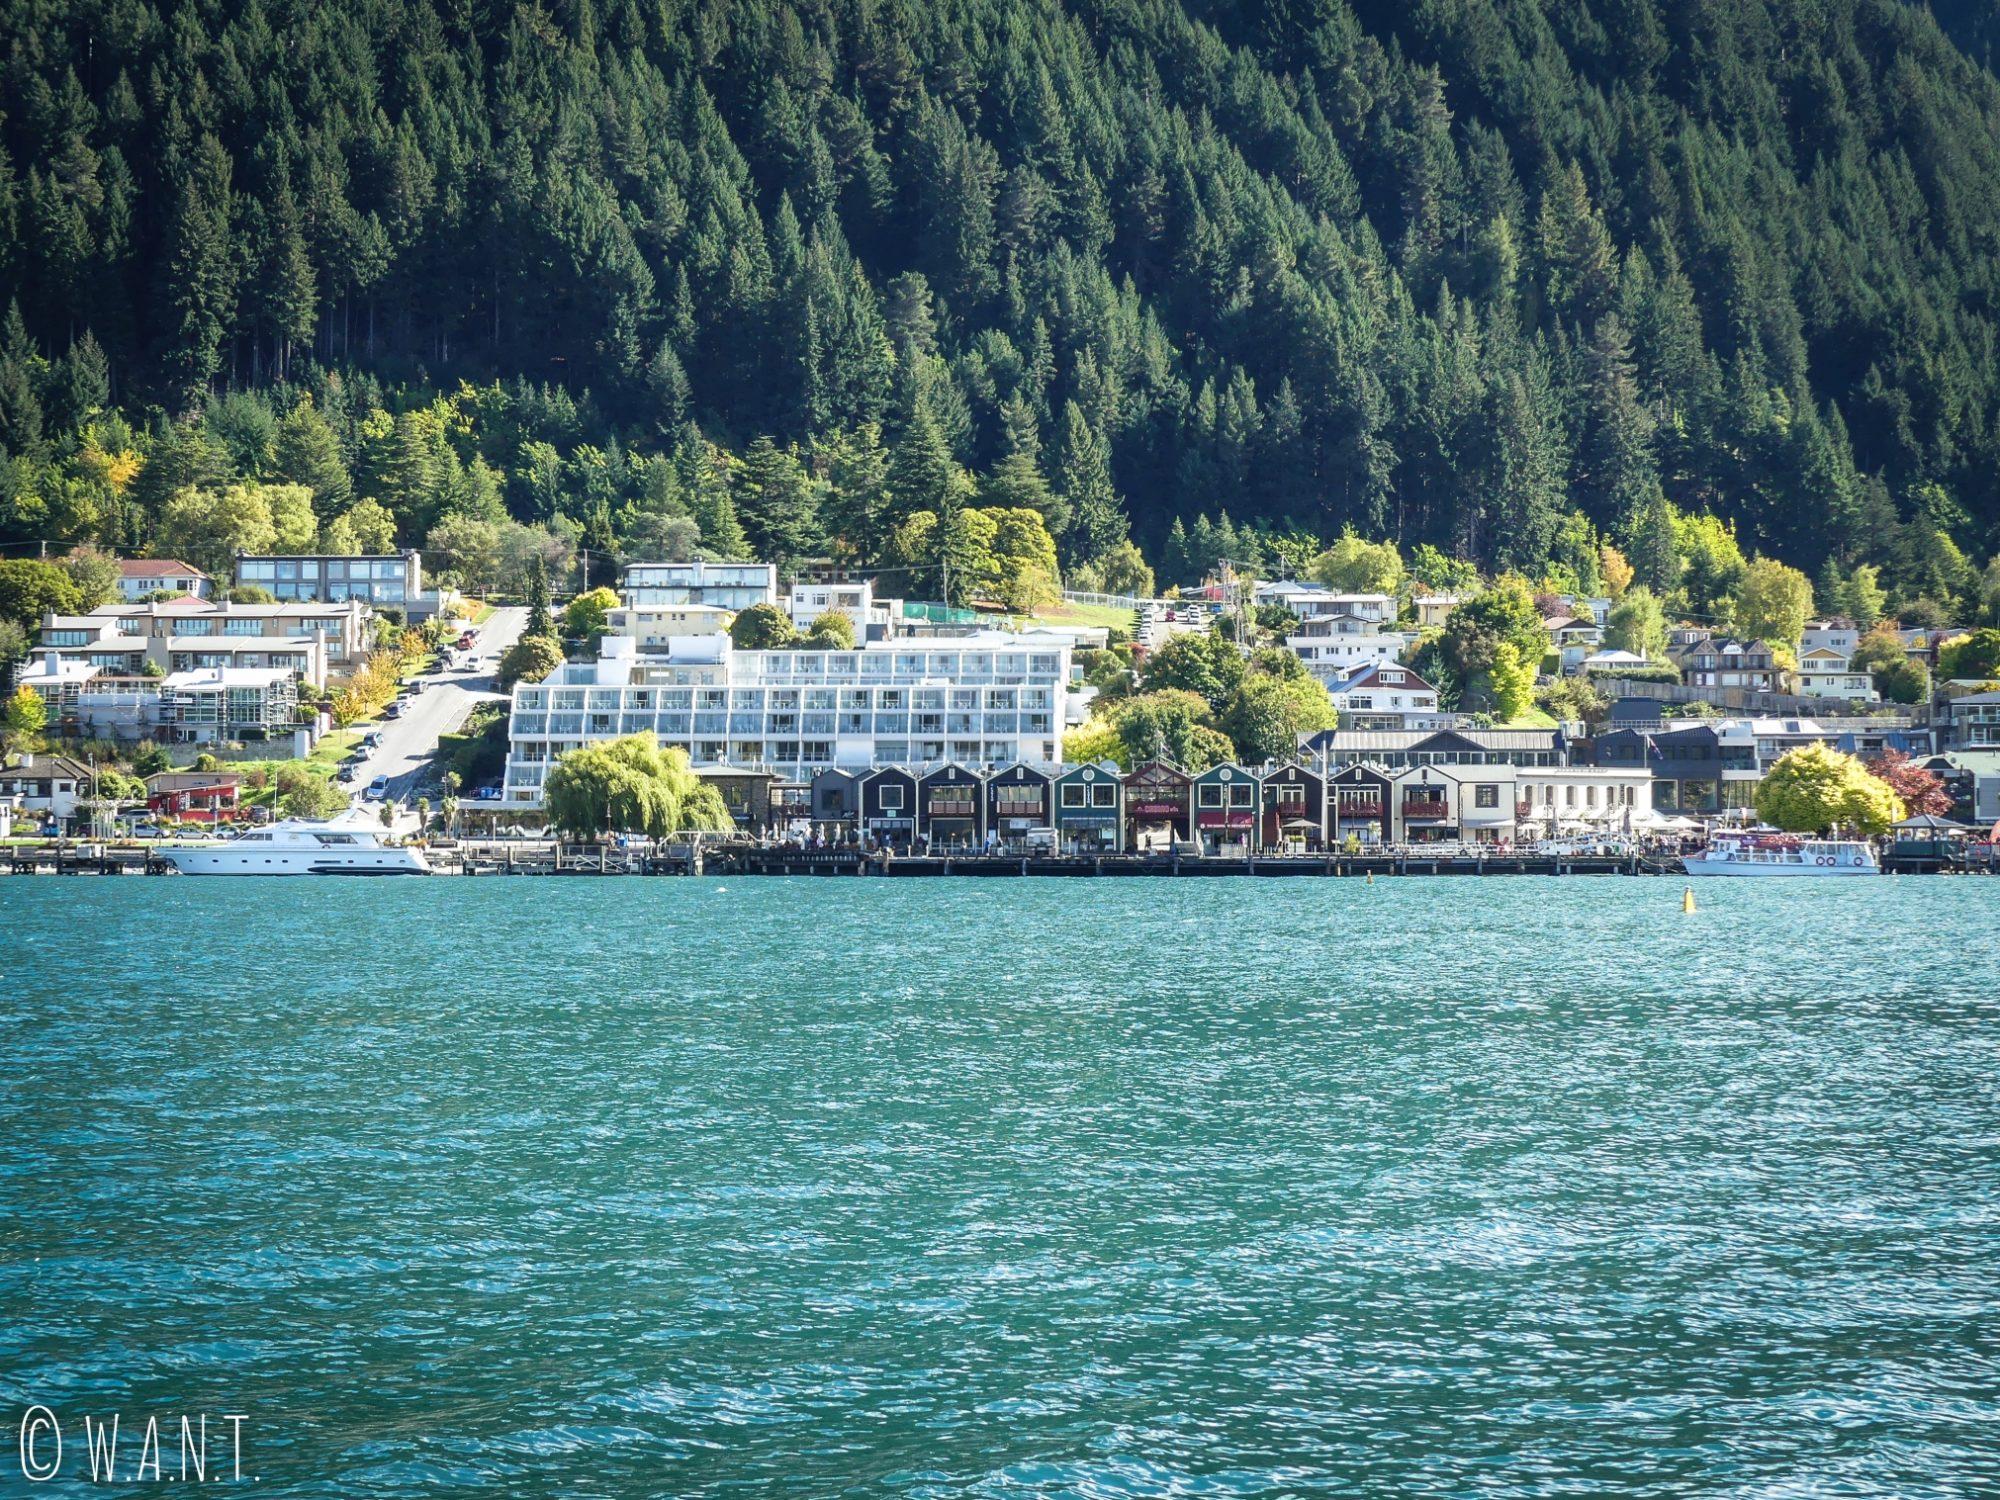 Bord du lac de Queenstown en Nouvelle-Zélande